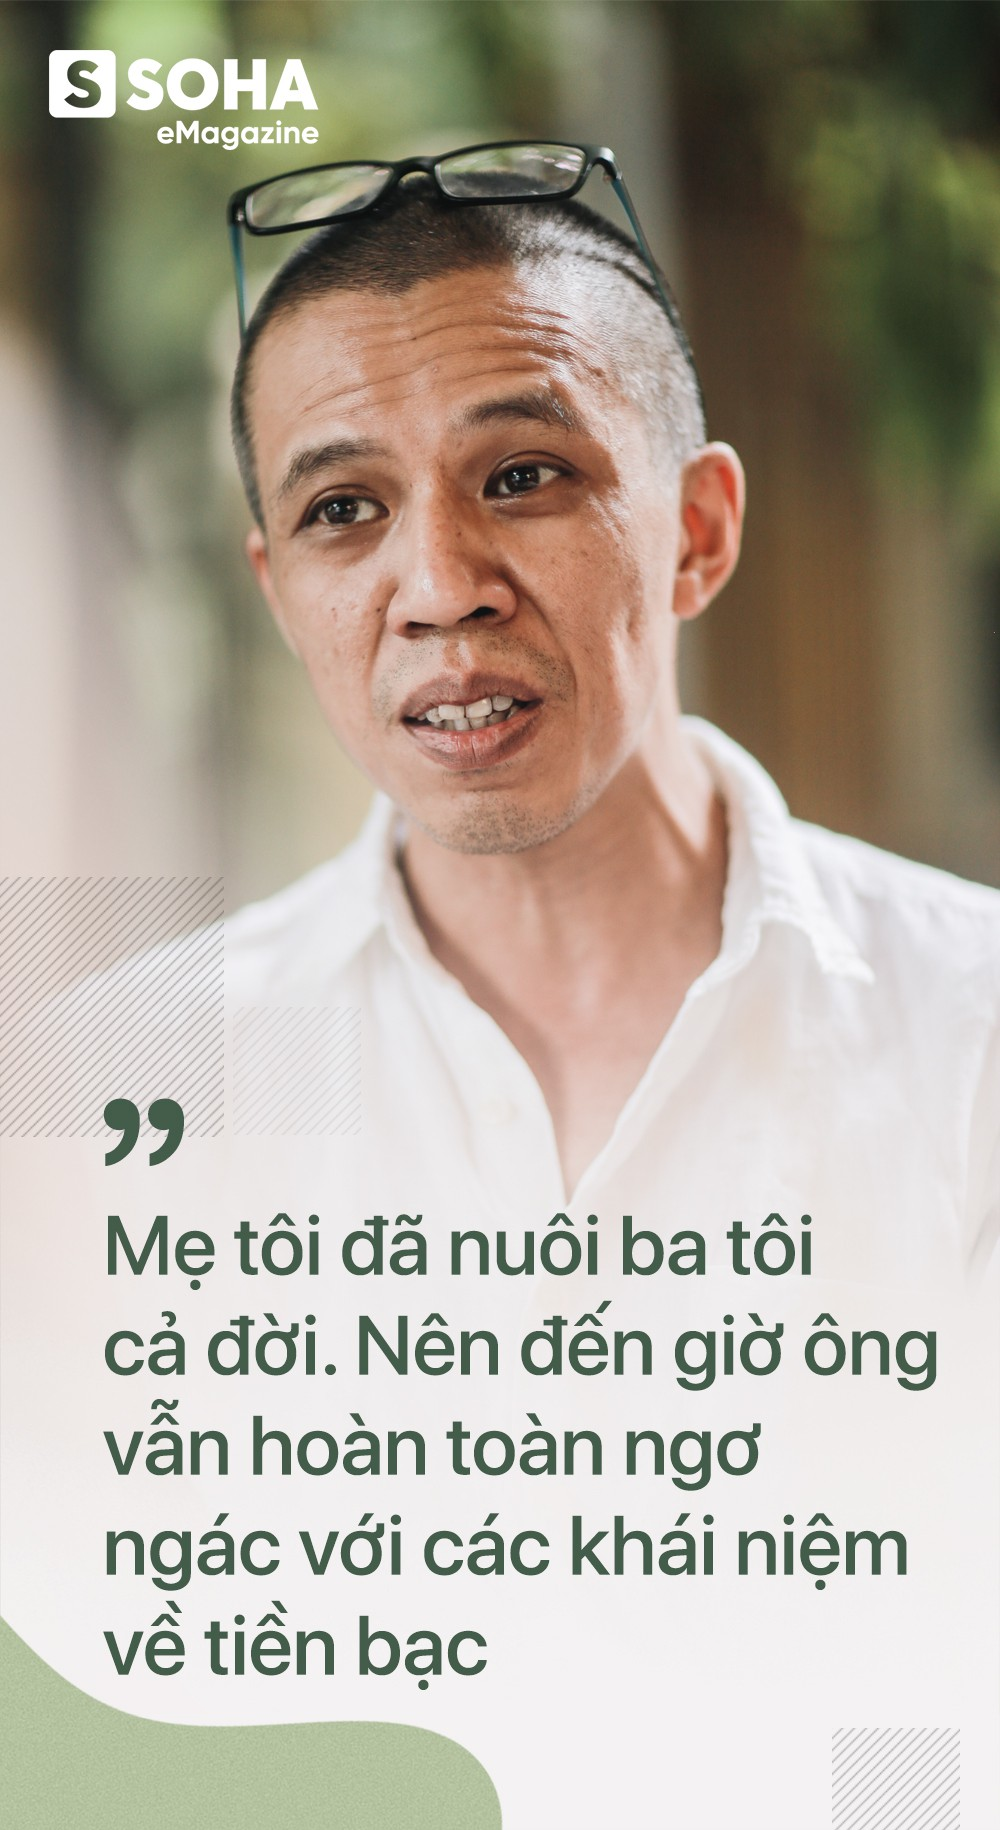 Con trai GS Hồ Ngọc Đại: 'Tôi đã cười không khép được mồm khi ba tôi bị vu là tình báo Trung Quốc' 10